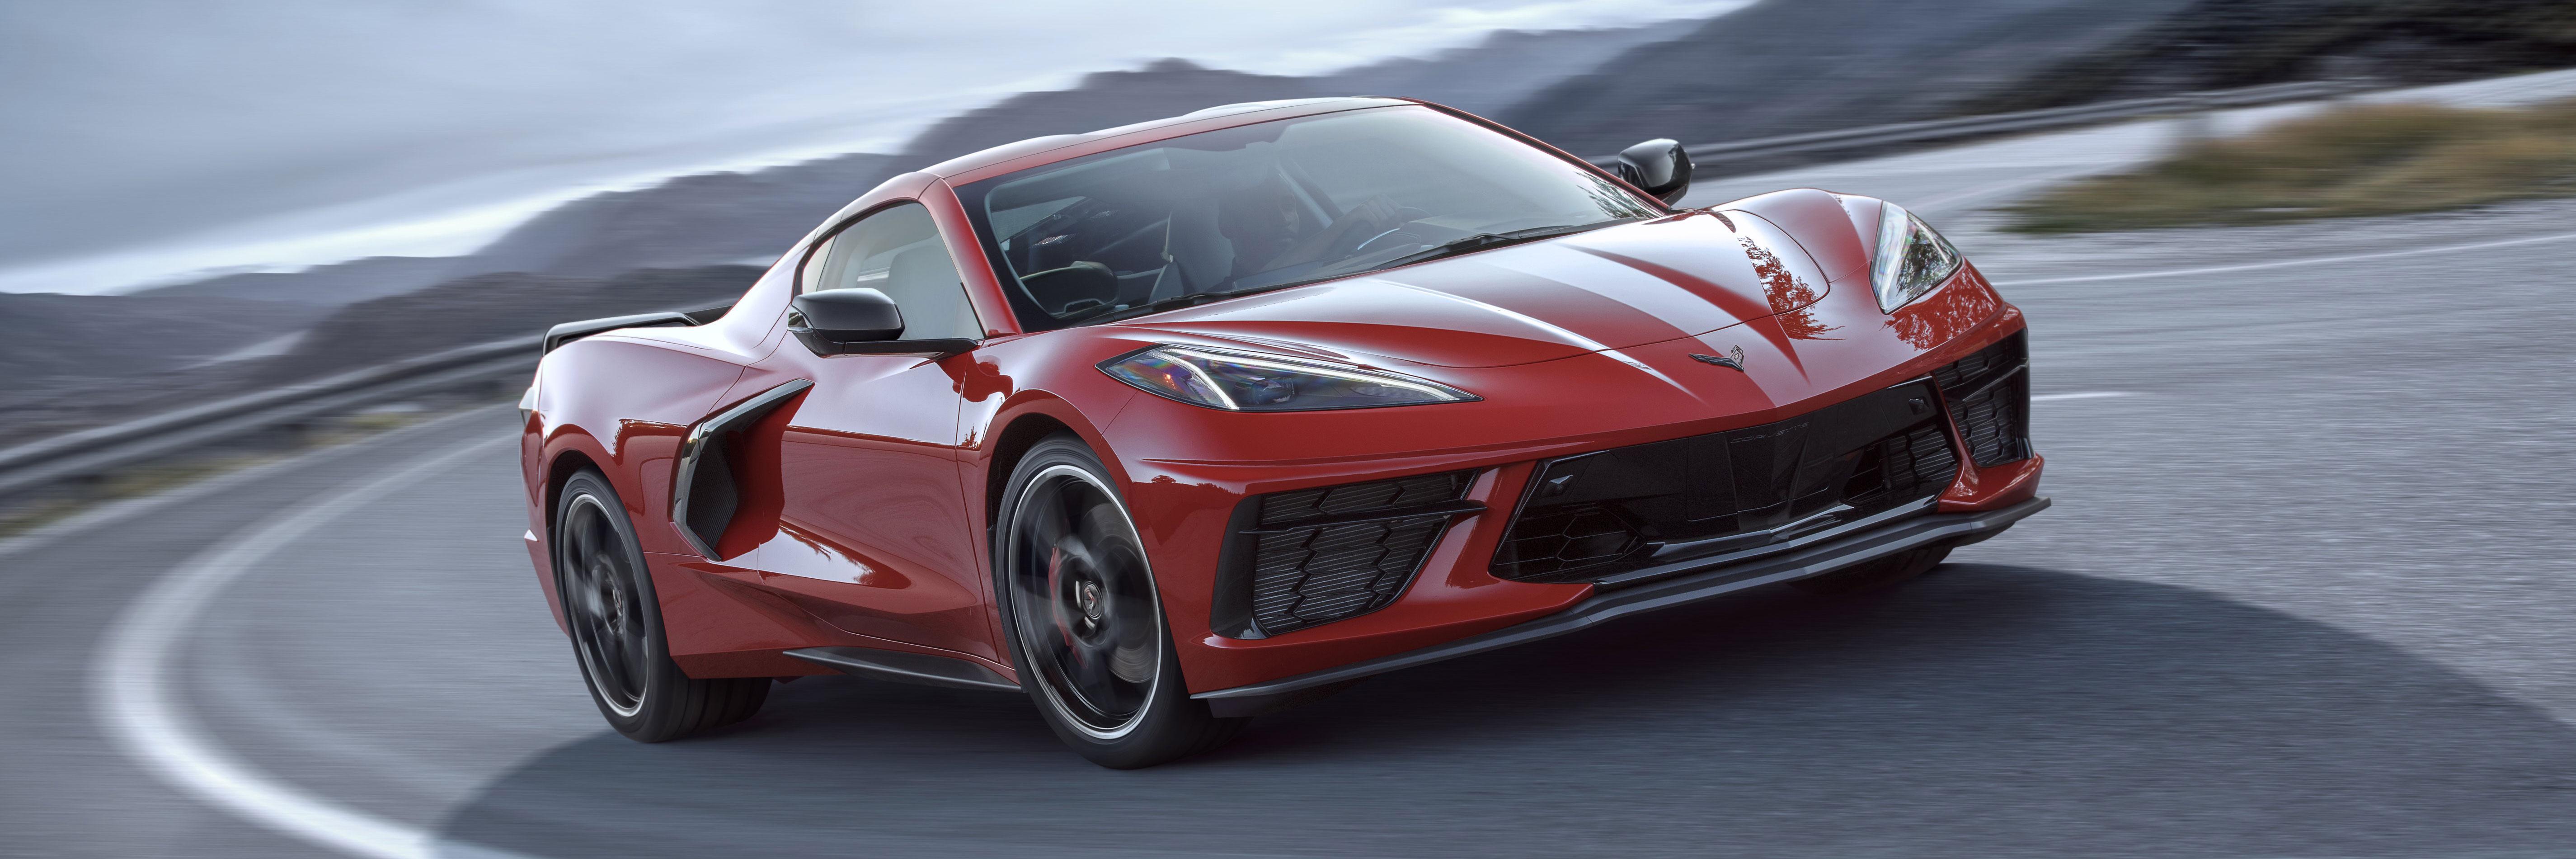 El Corvette más potente y veloz de la historia